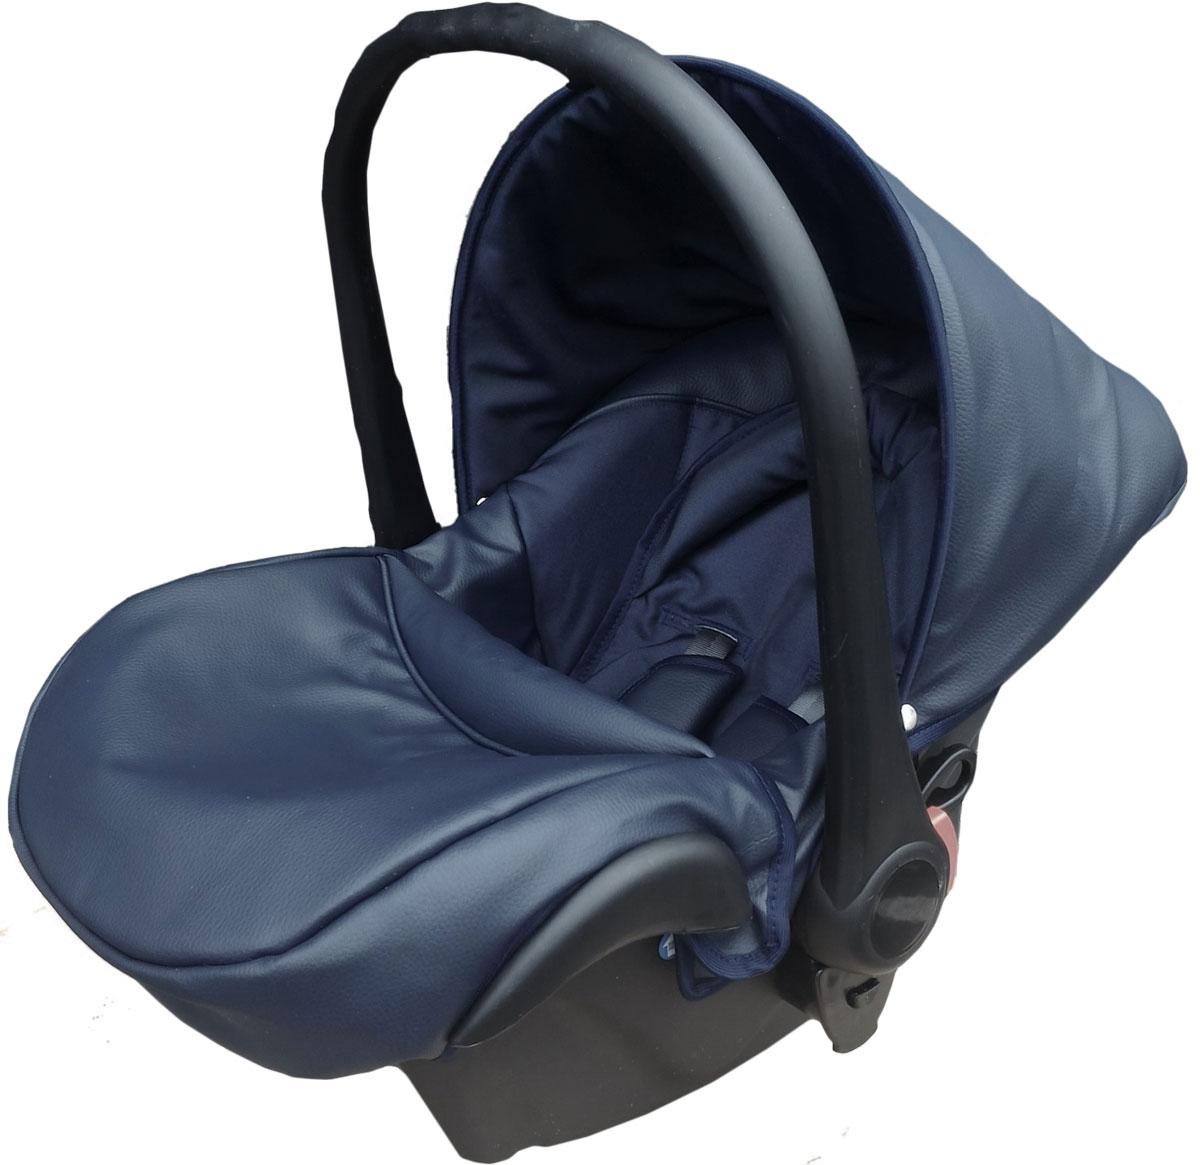 Lonex Автокресло цвет синий от 0 до 13 кг F-13-ECCOF-13-ECCOОчень лёгкоеавтокресло Lonexподойдет для любого автомобиля.Для малышей до 1 года (от 0 до 13 кг (группа 0+). Анатомическая подушечка создает комфорт малышу. Отстегивающийся козырек защитит ребенка от солнца, а теплая накидка на ножки обеспечит комфорт в прохладную погоду. Возможно установка горизонтального положения спинки. В кресле для малышей существует три надежных ремня безопасности со специальными накладками, которые не будут натирать нежную кожу ребенка. Данное автокресло возможно установить на все шасси колясок Lonex 2 в 1.